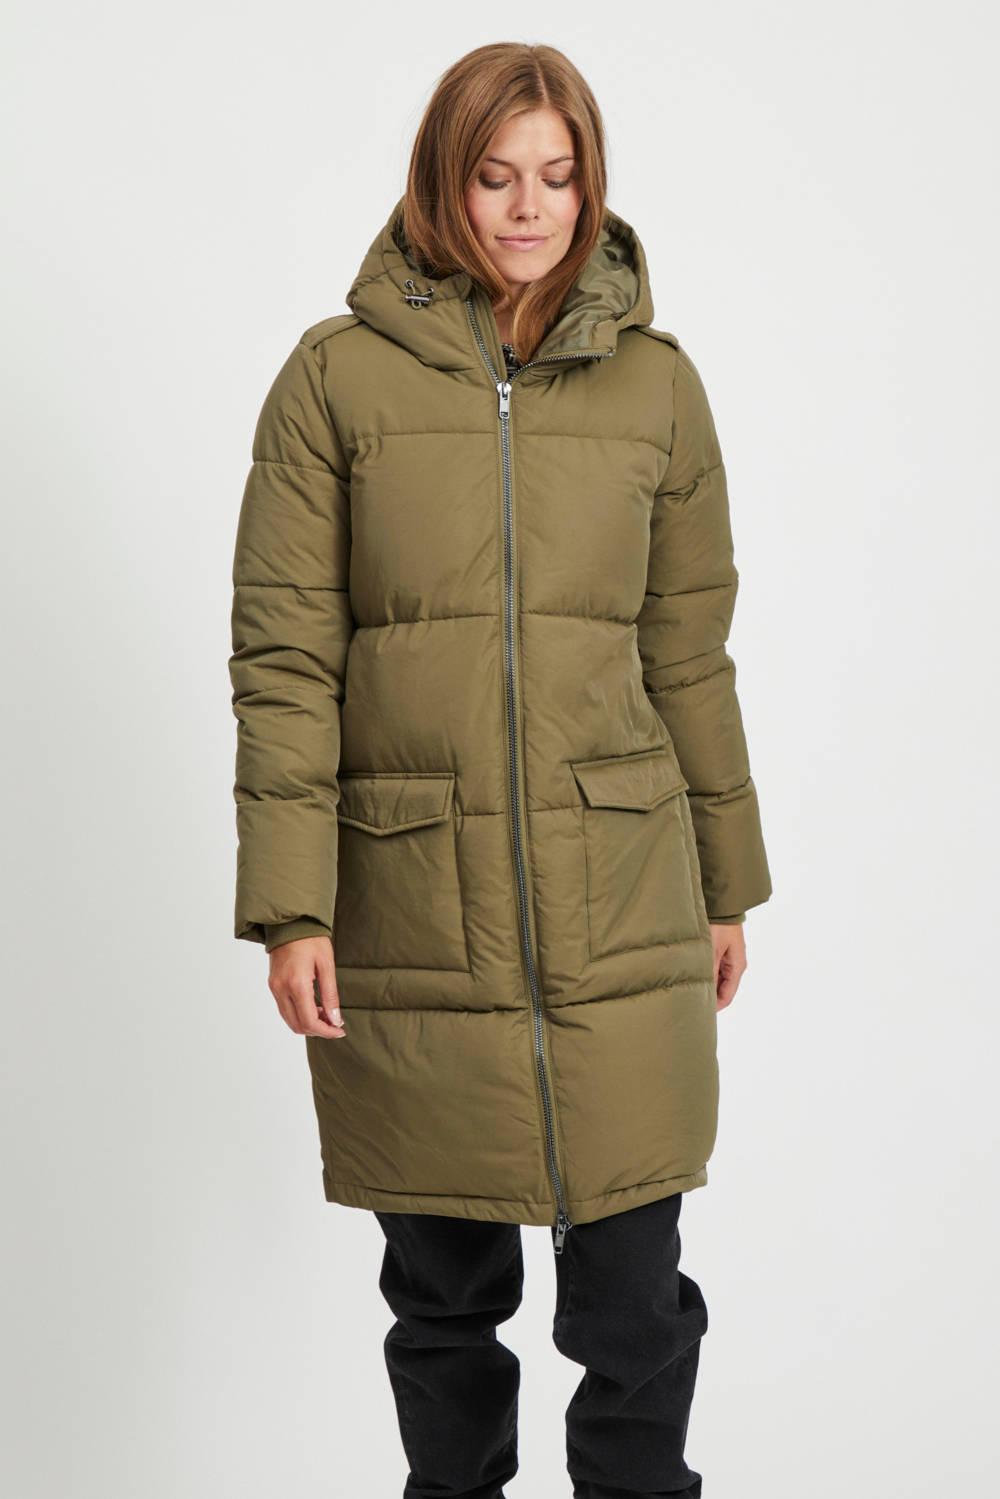 OBJECT gewatteerde jassen voor dames kopen Vind jouw